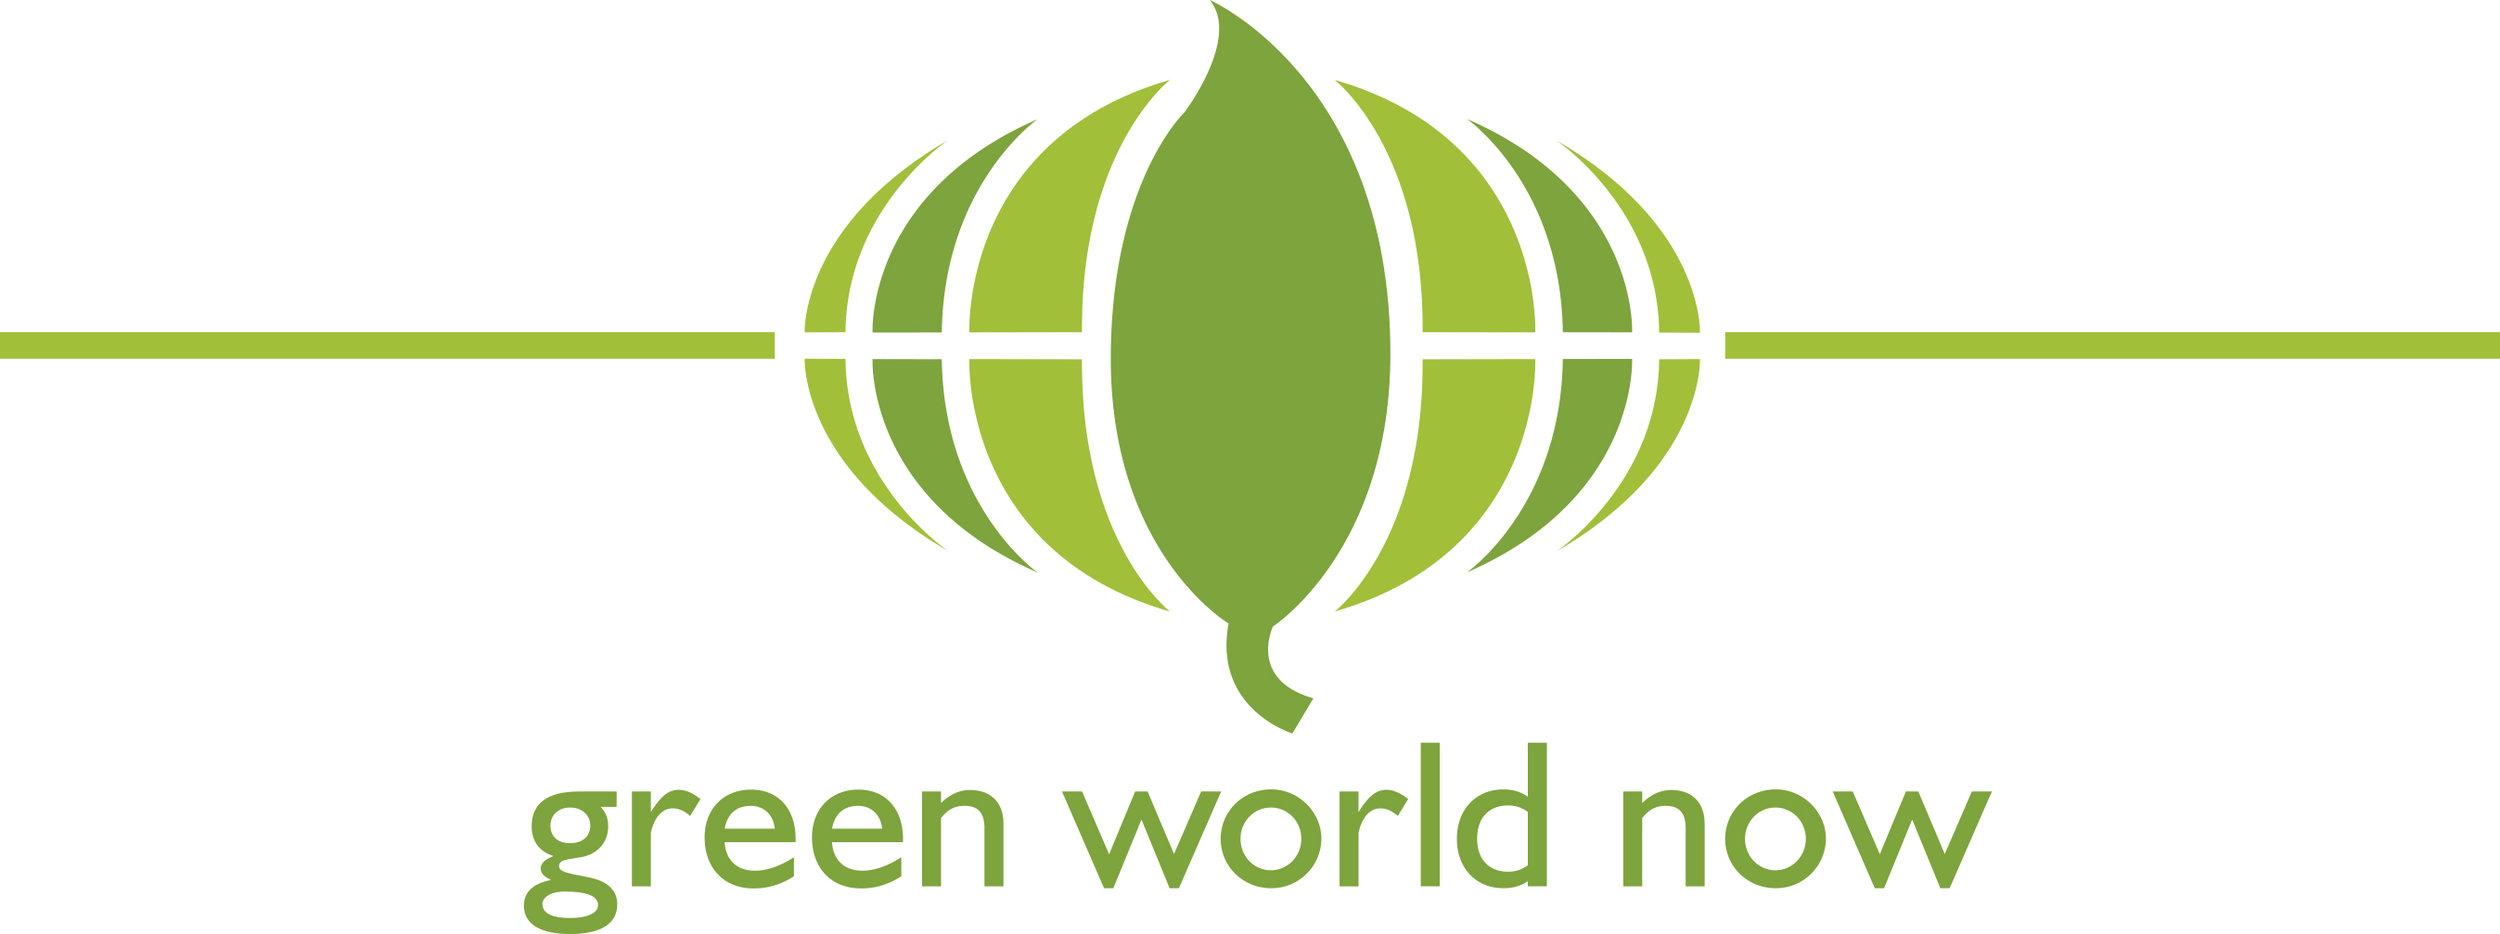 GreenworldNow_line.jpg